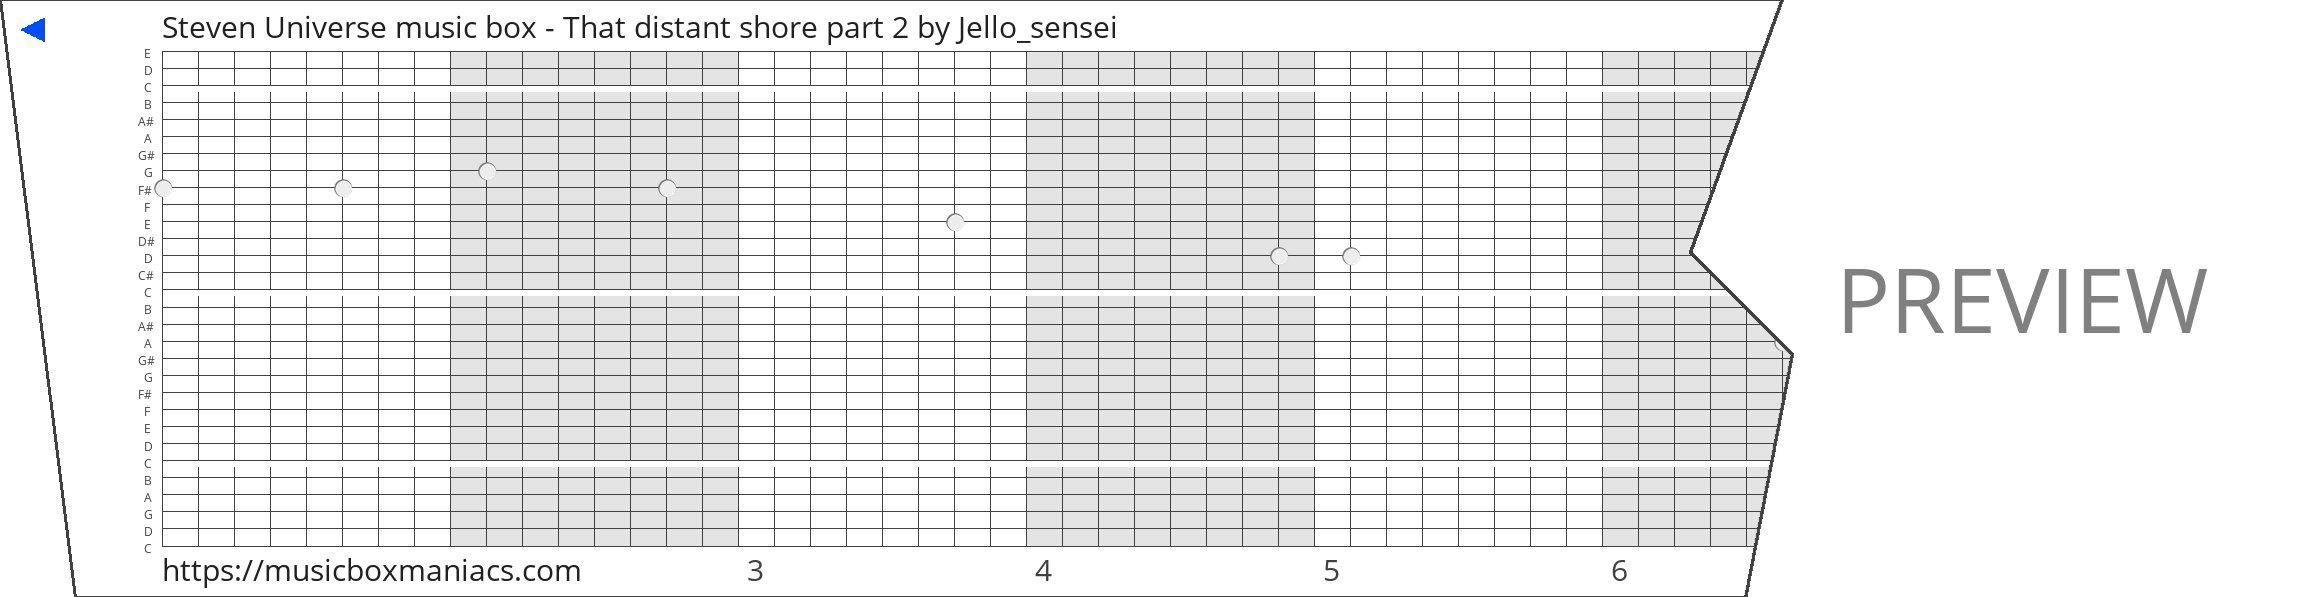 Steven Universe music box - That distant shore part 2 30 note music box paper strip